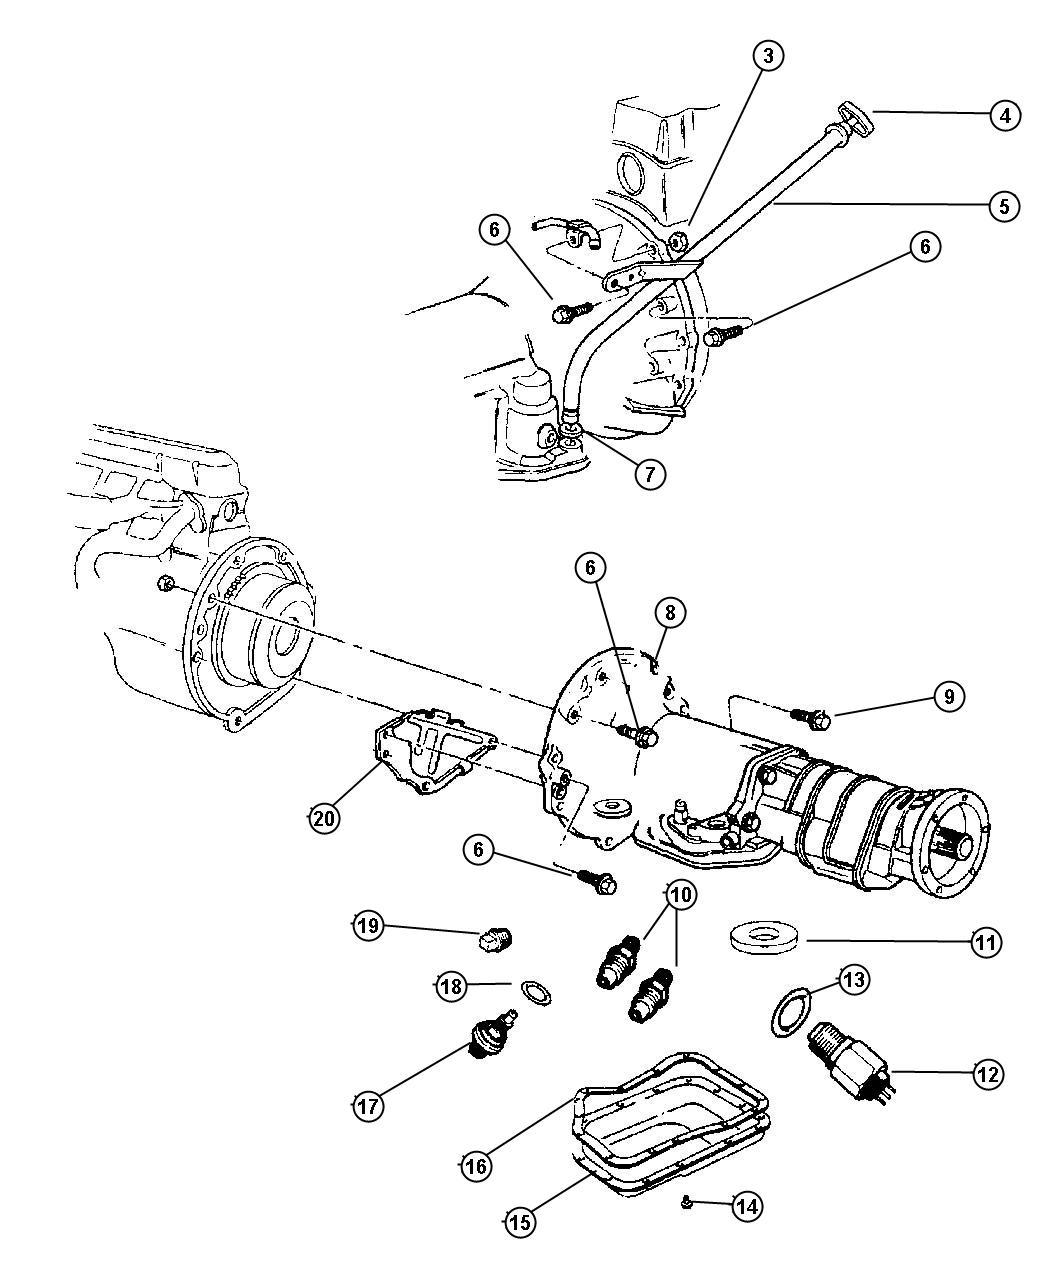 2007 Chrysler Crossfire Tube. Transmission oil filler